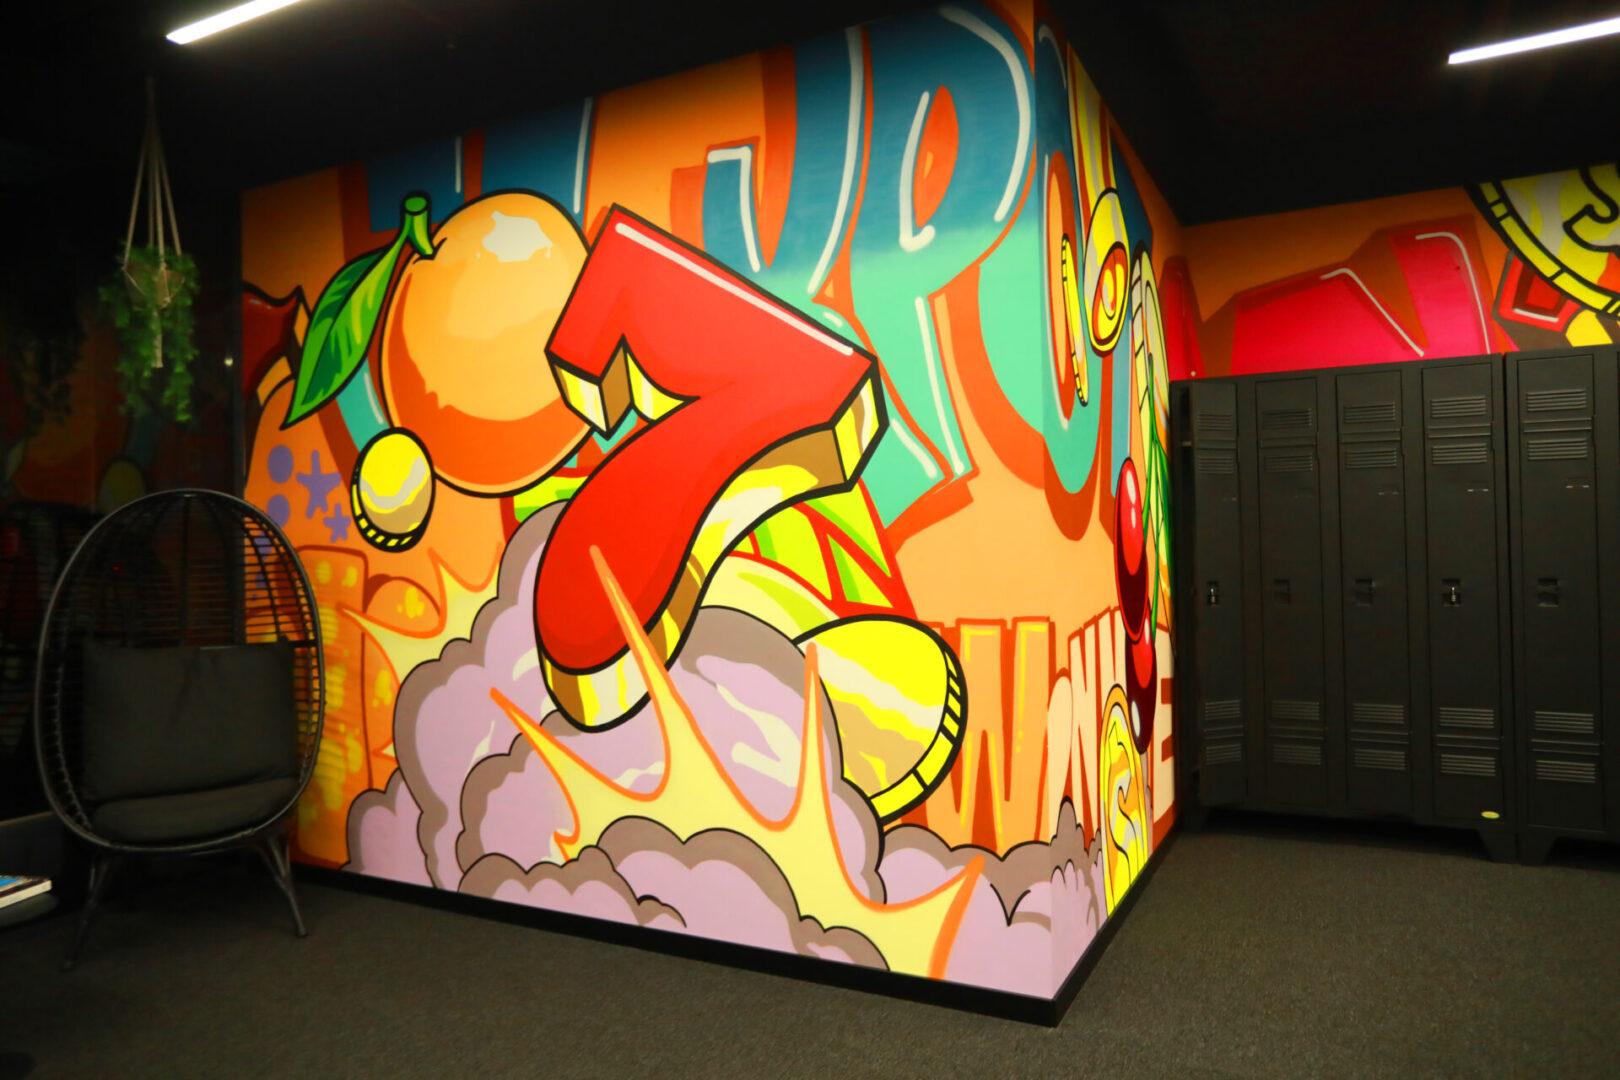 Художественное оформление офиса IT компании (часть 2) UT-ART STUDIO граффити семерка